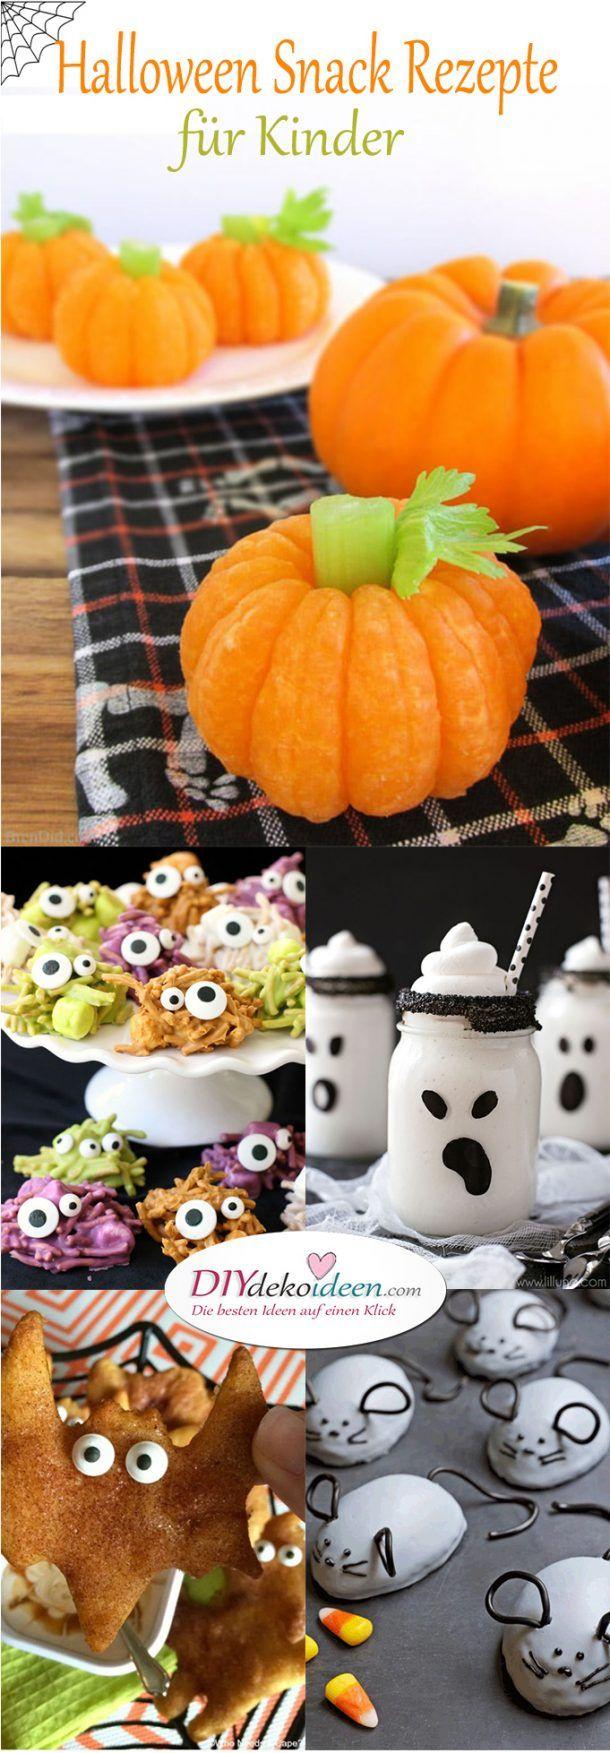 Einfache und leckere Halloween Snack Rezepte für Kinder #rezepteherbst